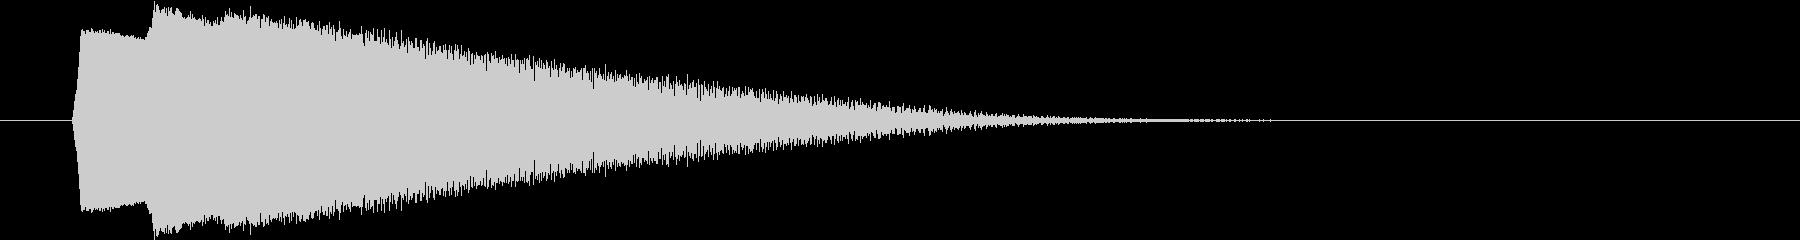 ピヨーン(物を投げる音)の未再生の波形